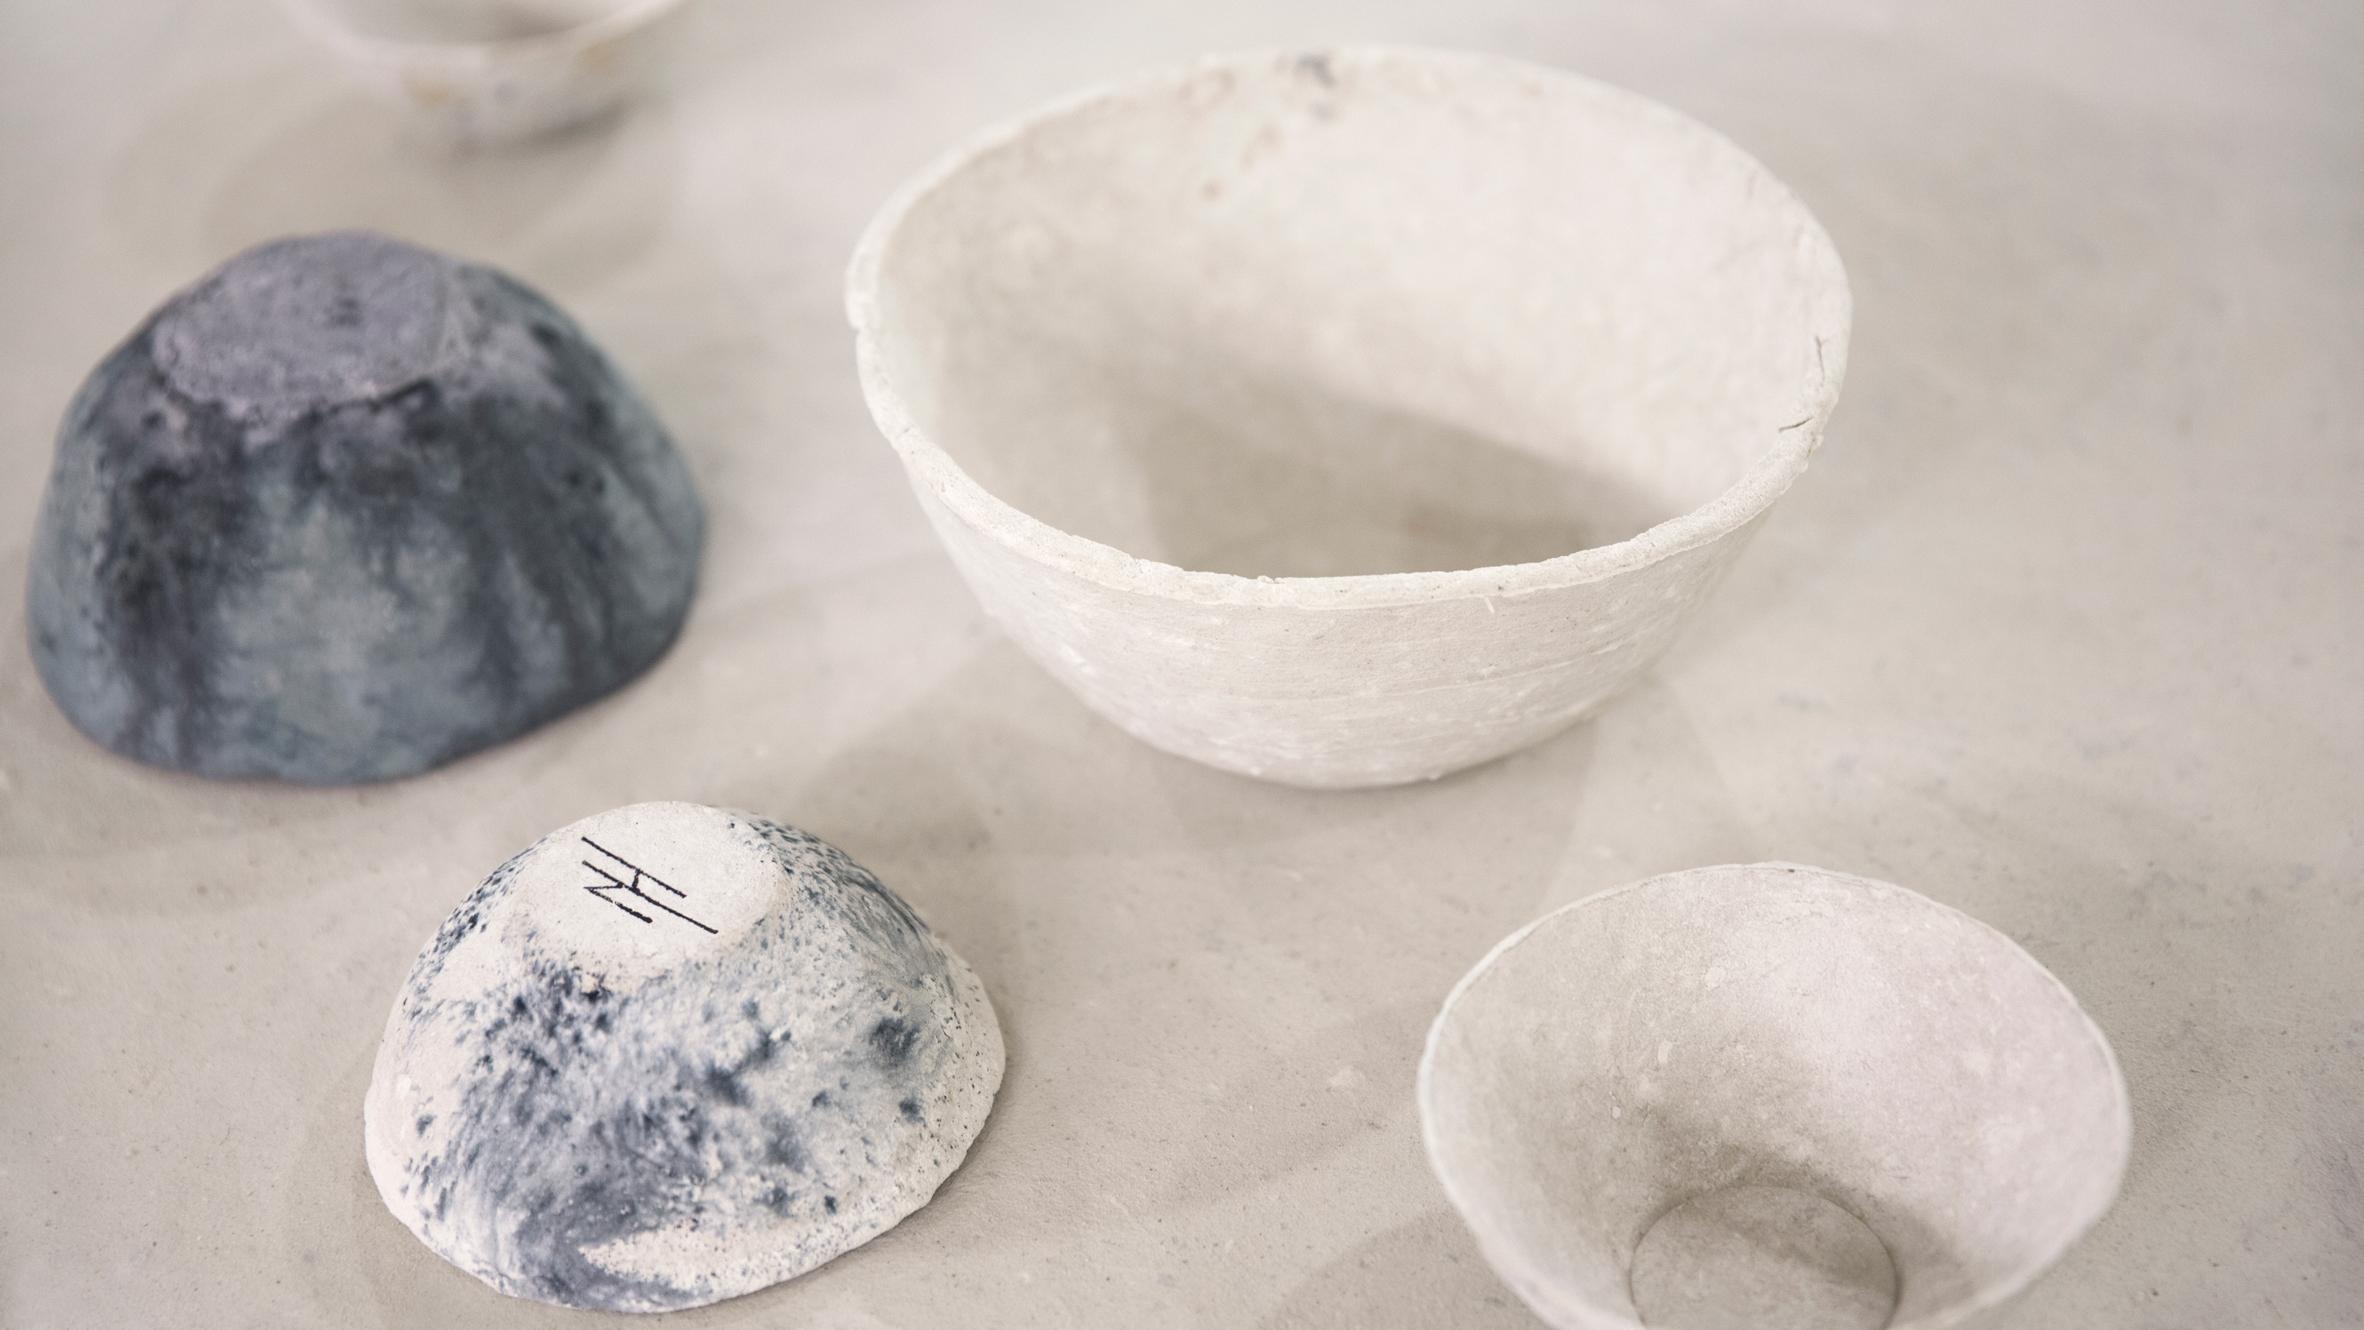 sea-me-recycled-toilet-paper-homeware-corckery-design-studio-nienke-hoogvliet-netherlands_dezeen_hero